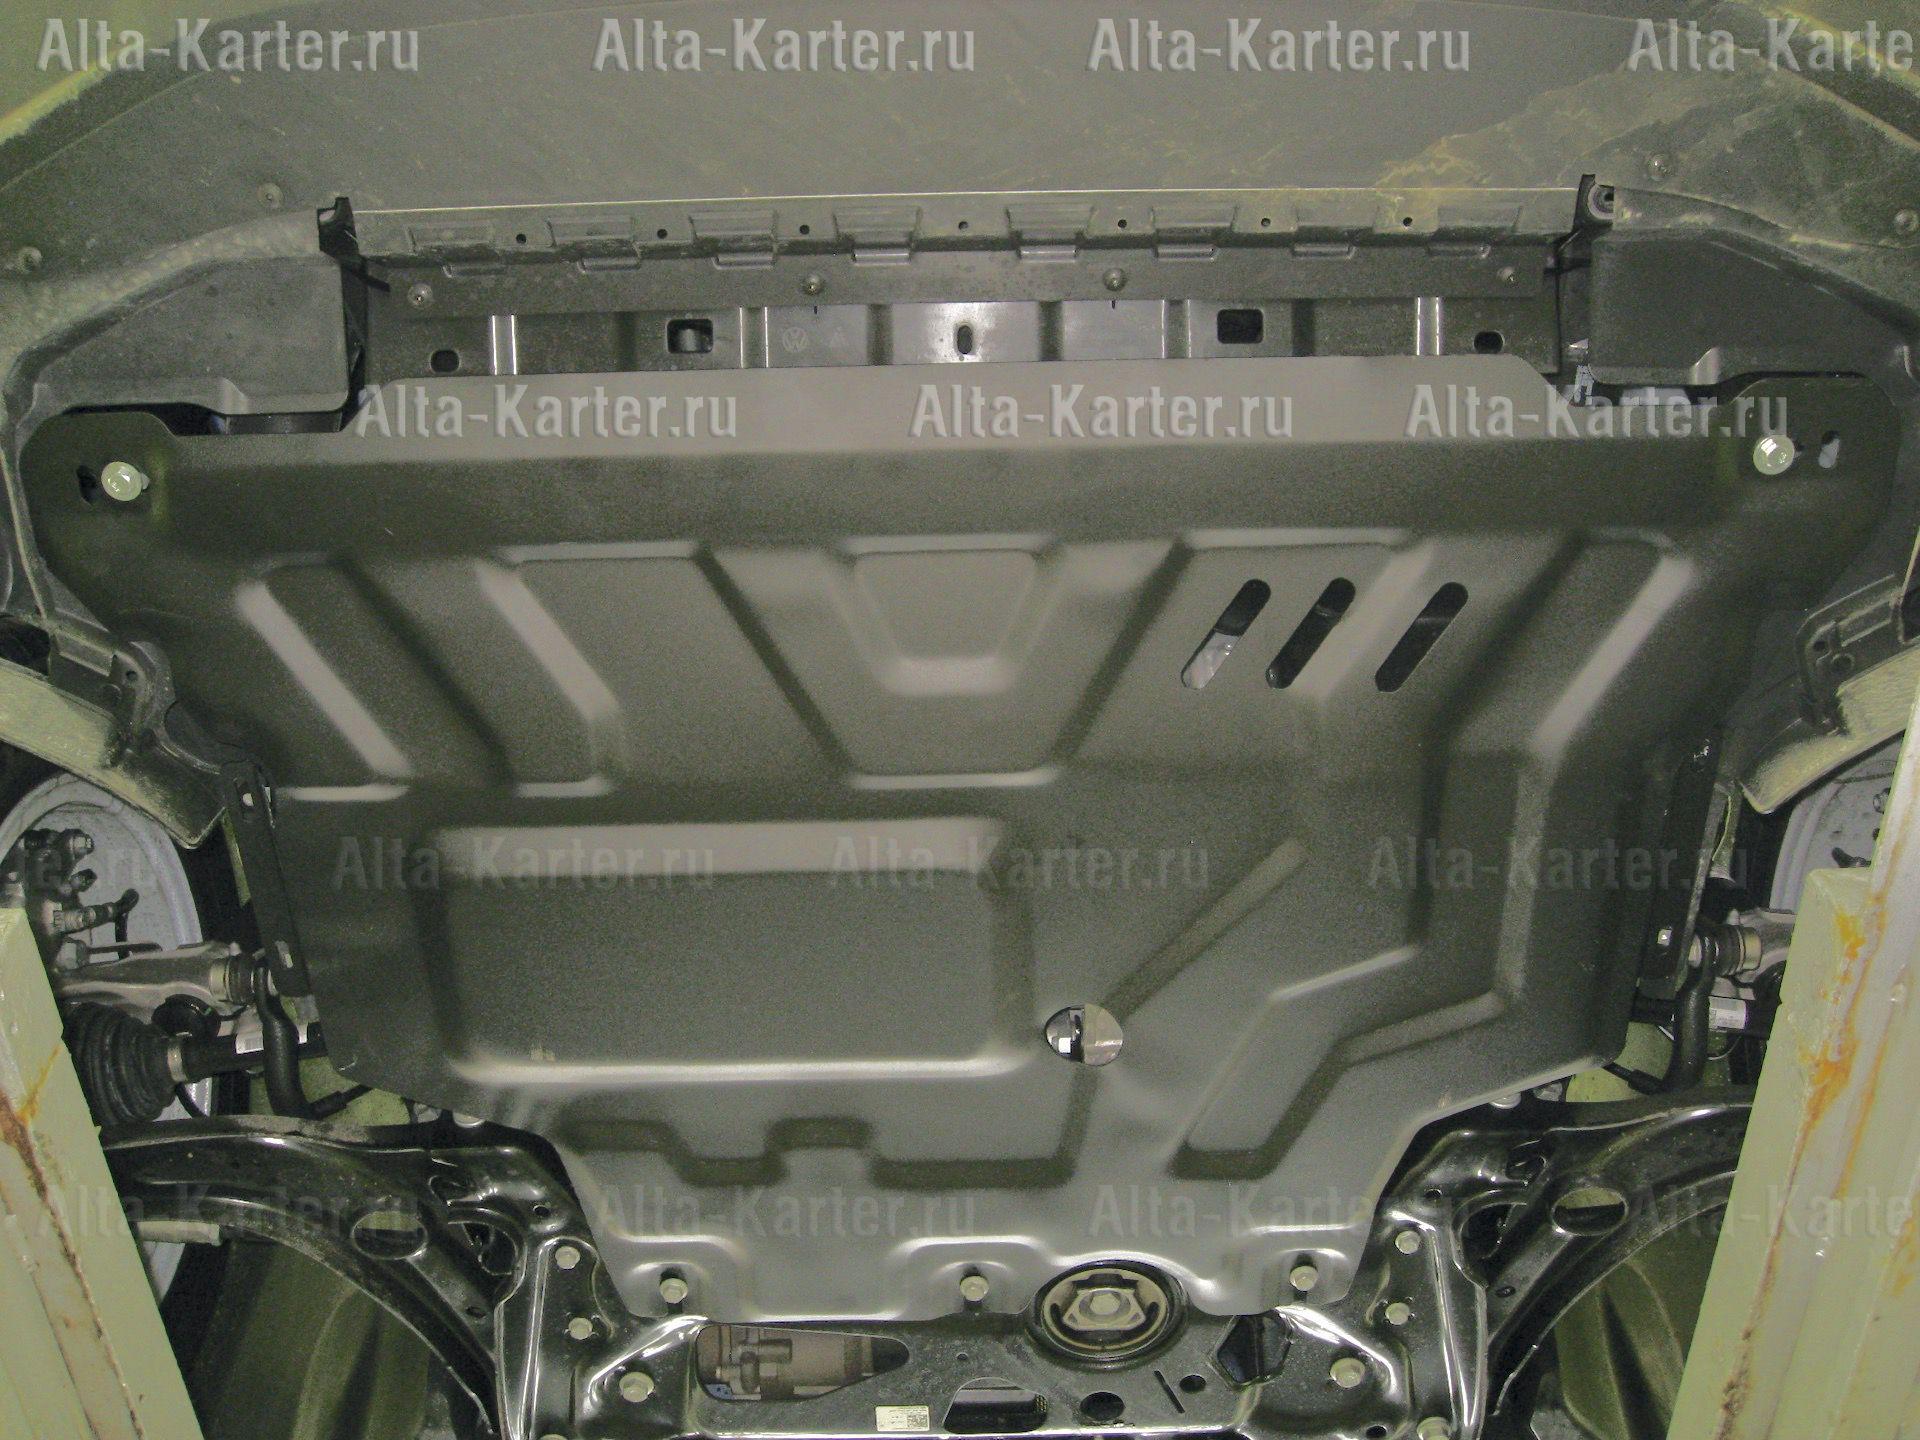 Защита Alfeco для картера и КПП Audi Q3 II 2018-2021. Артикул ALF.26.44st